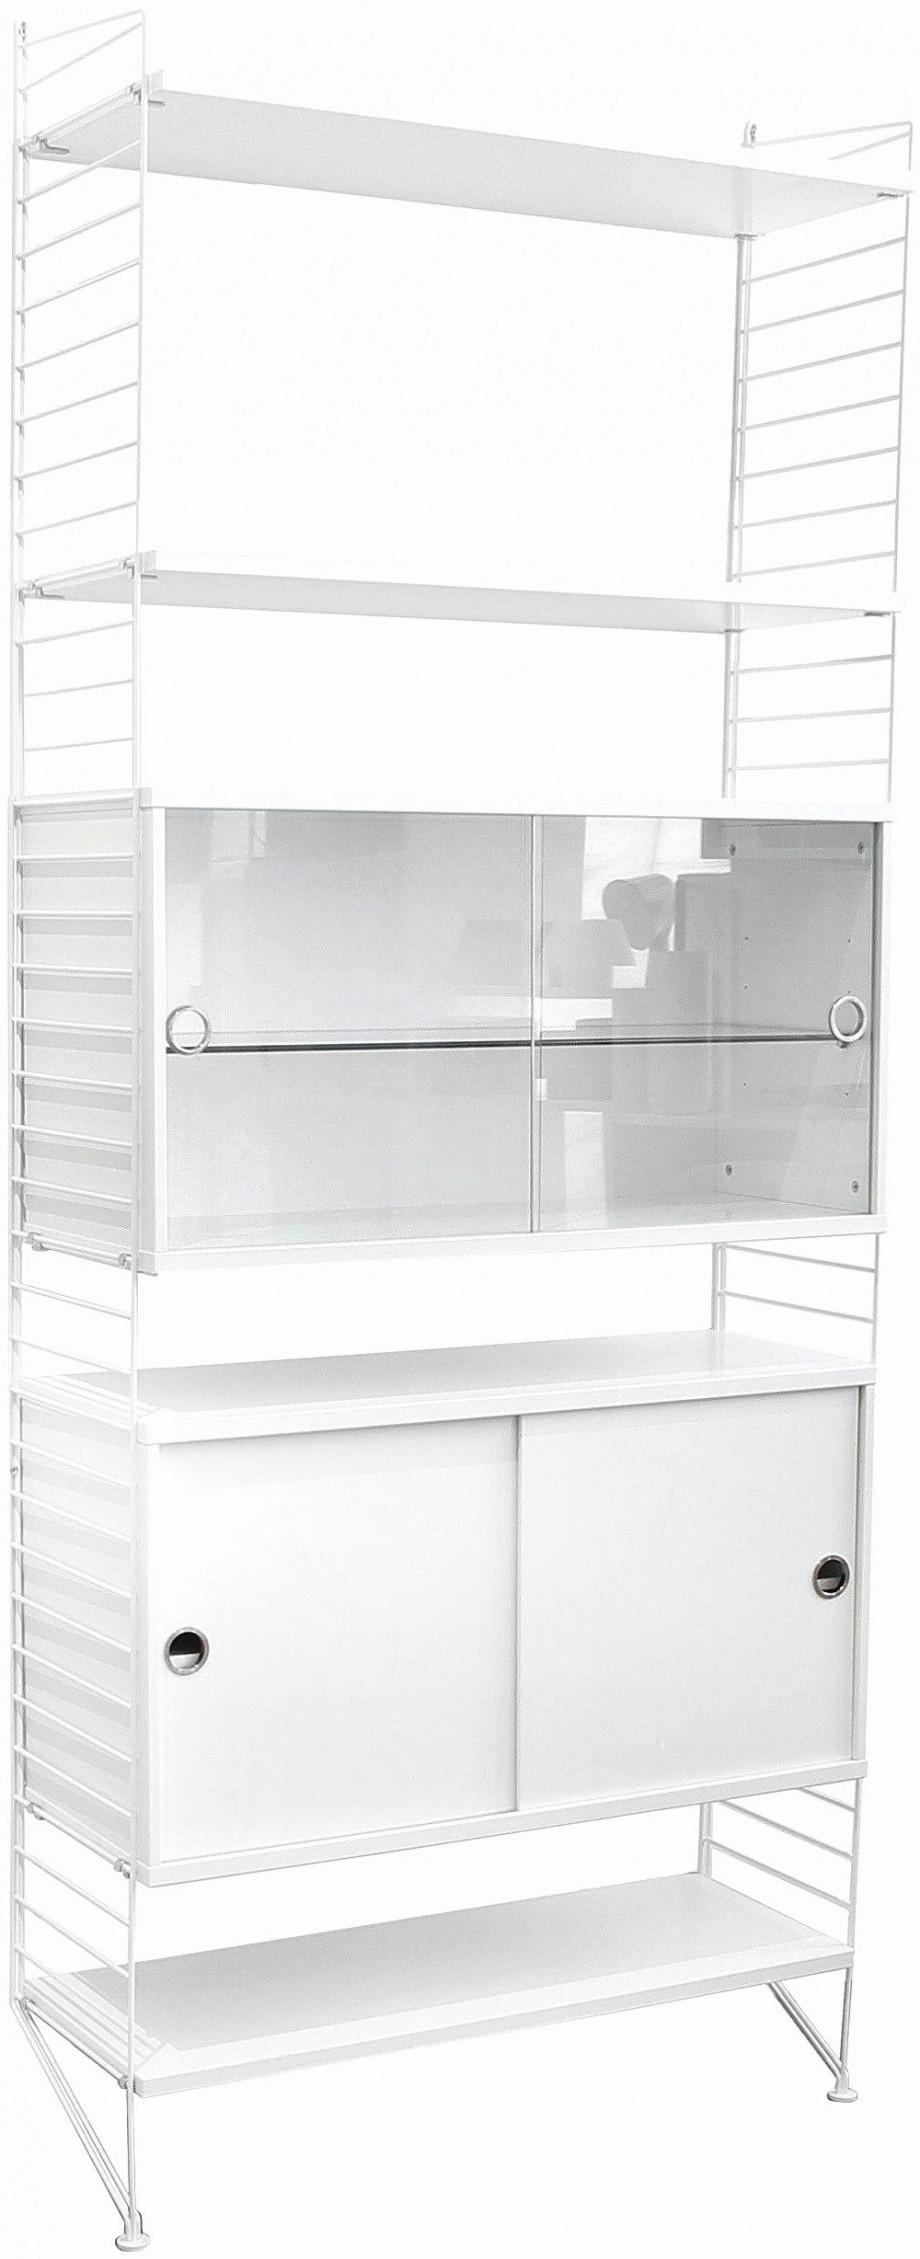 meuble haut profondeur 20 cm meuble